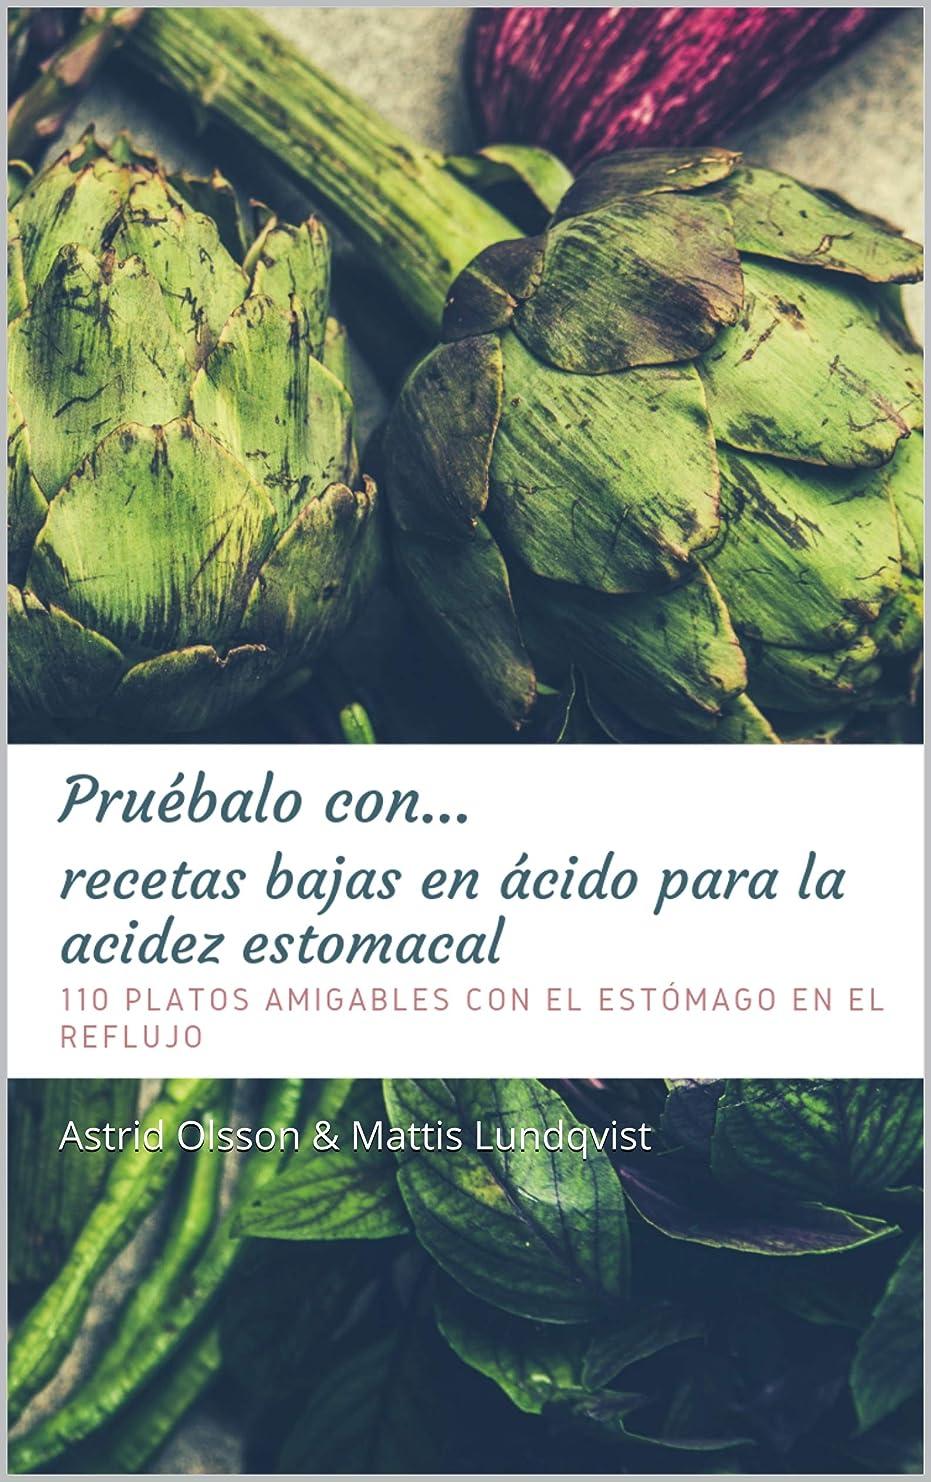 廃止十一許容できるPruébalo con...recetas bajas en ácido para la acidez estomacal: 110 platos amigables con el estómago en el reflujo (pruebe algunas sabrosas recetas no 2) (Spanish Edition)